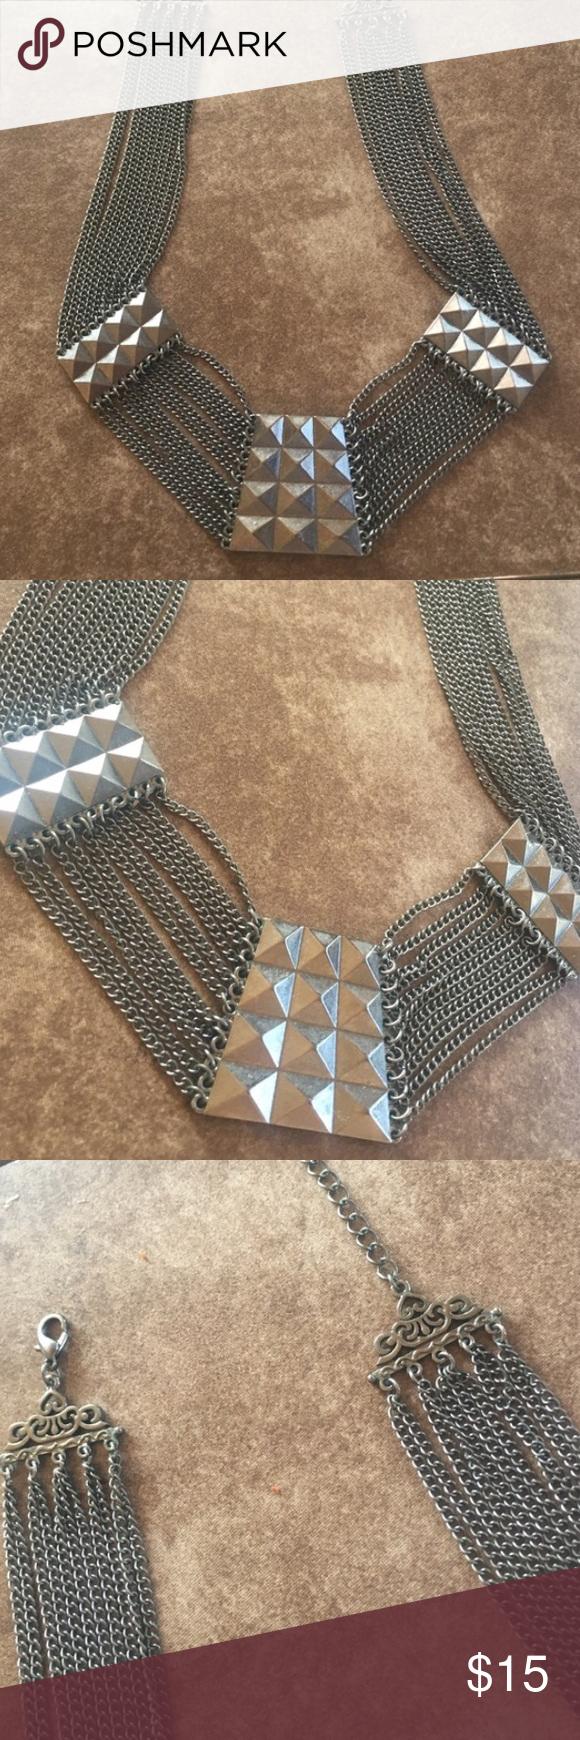 Zara necklace Reposh Zara studded necklace Zara Accessories